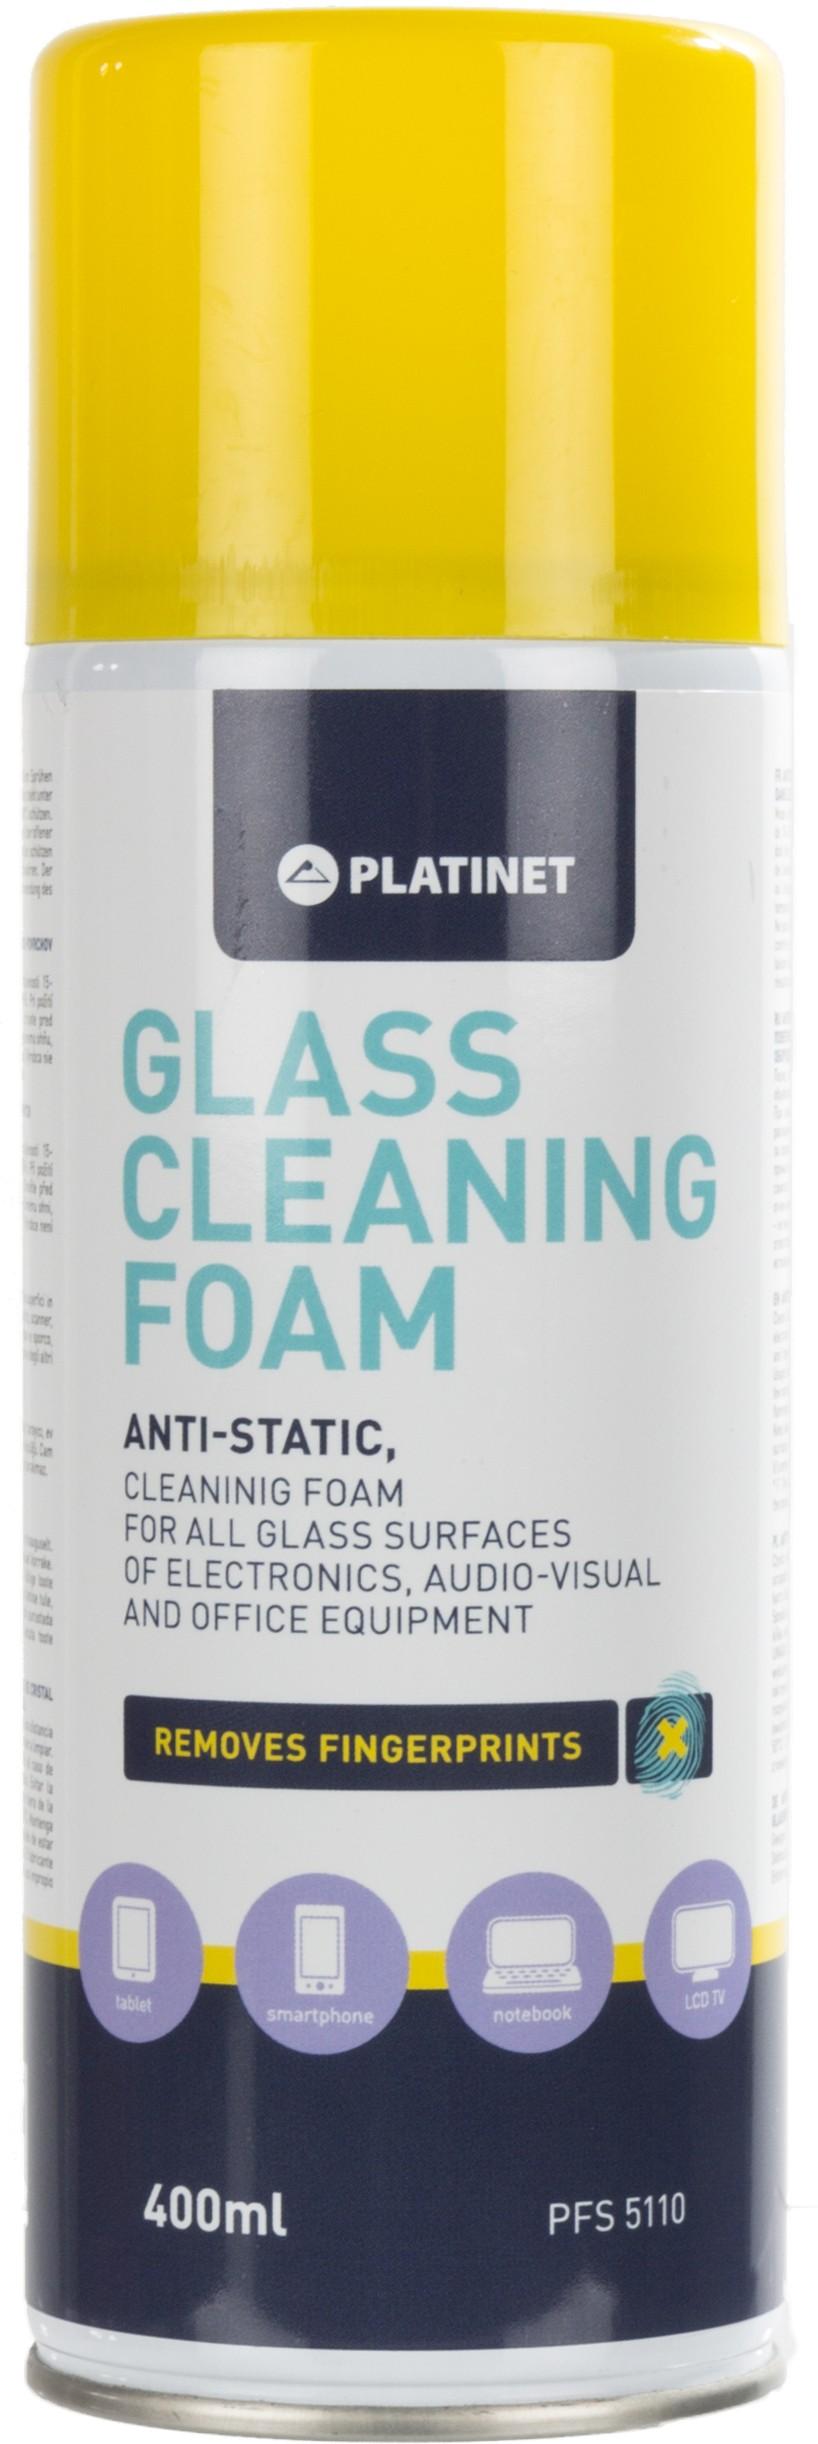 Platinet klaasipuhastuse vaht PFS5110 400ml